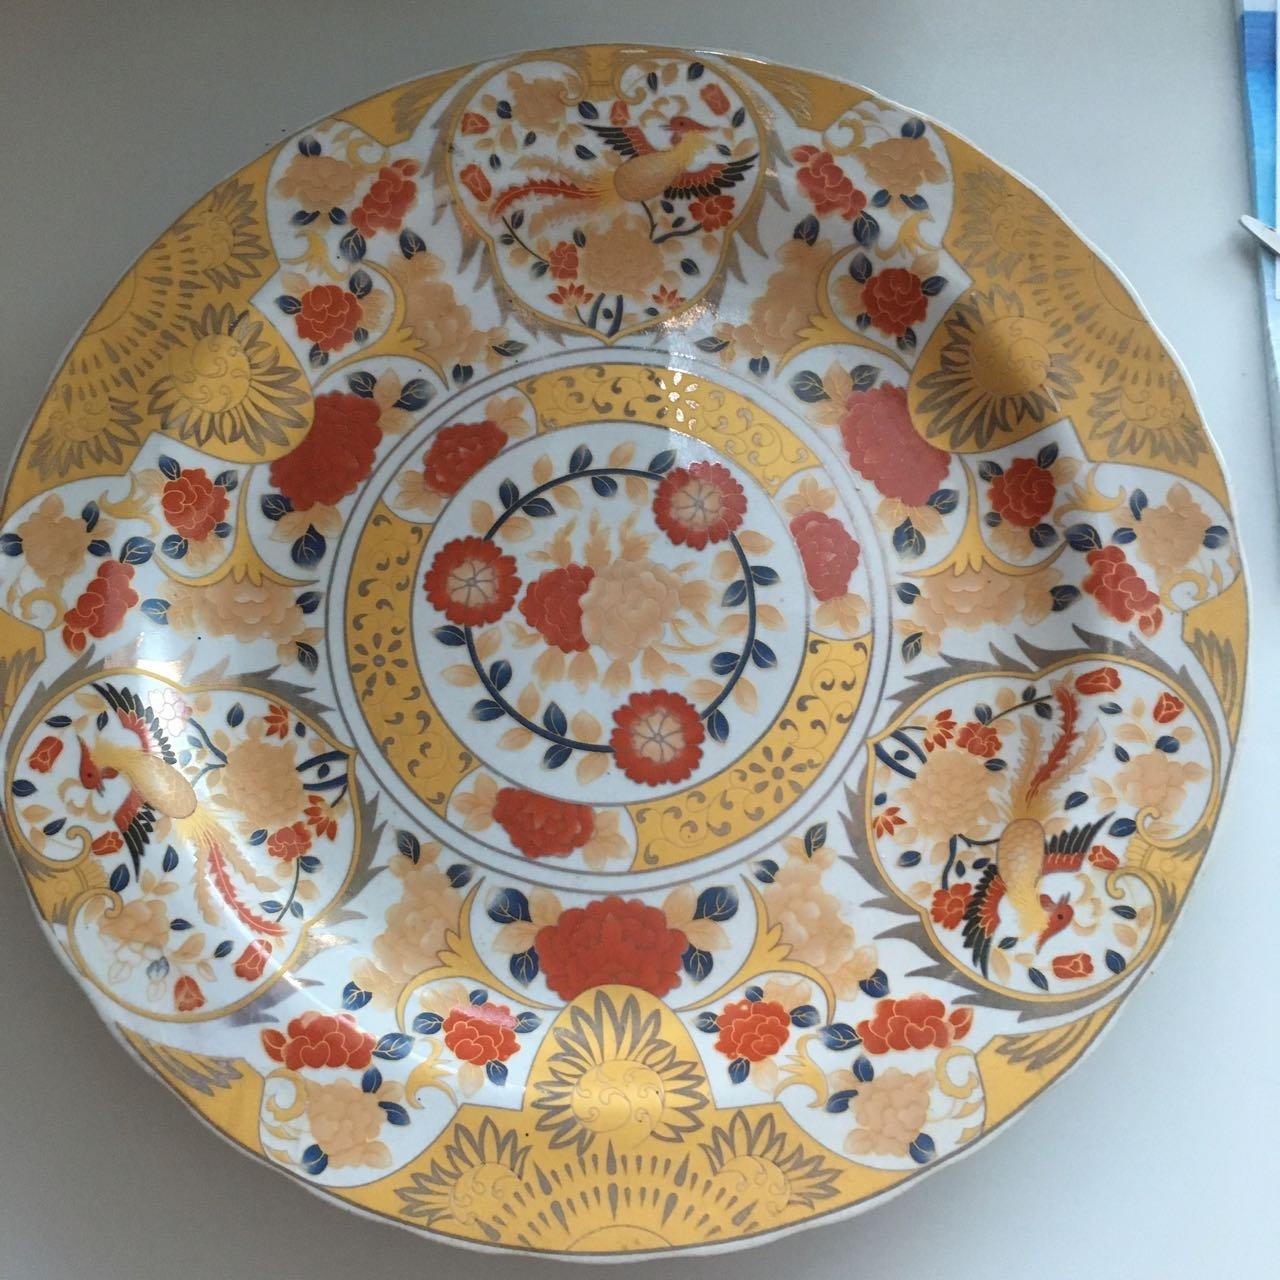 Chinesicher Teller Dekoteller Servierteller gold gelb rot weiß blau 37 cm Durchmesser